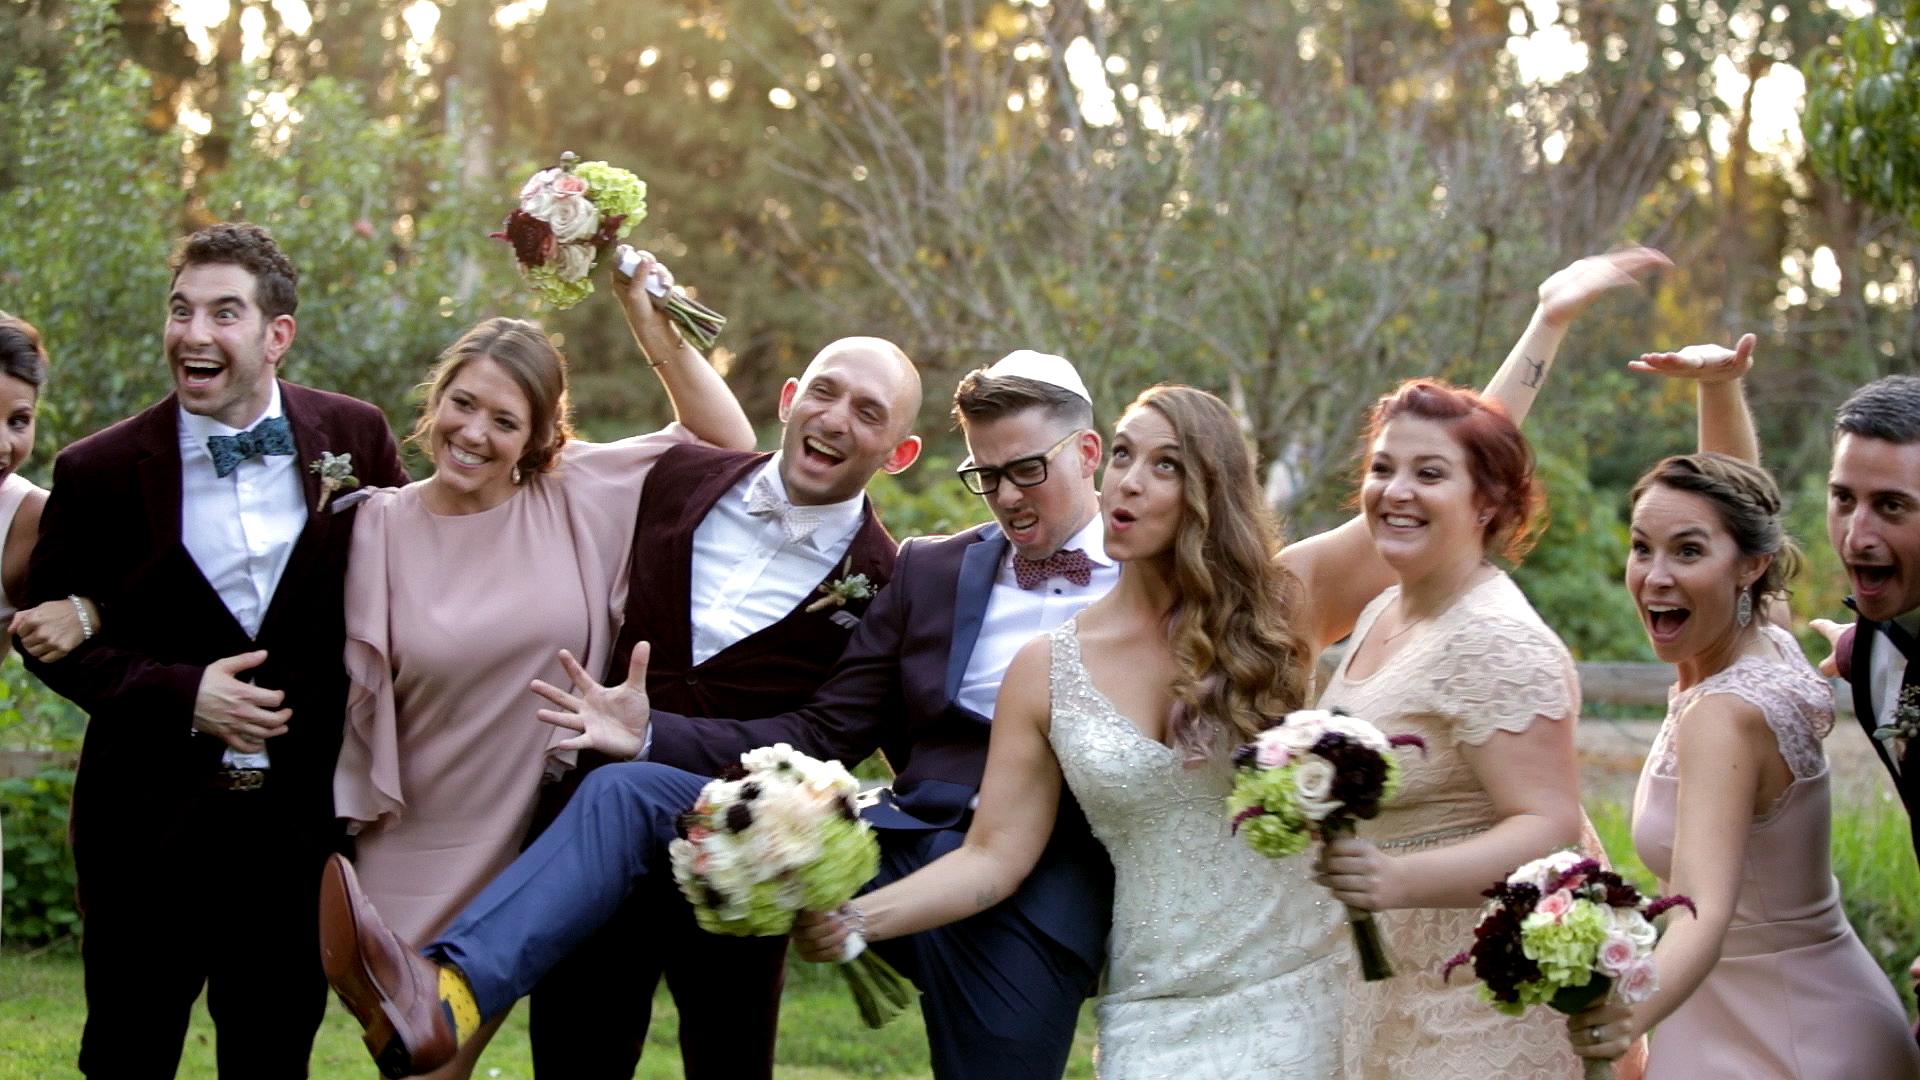 laurynandrew-weddingpartyfunny.jpg